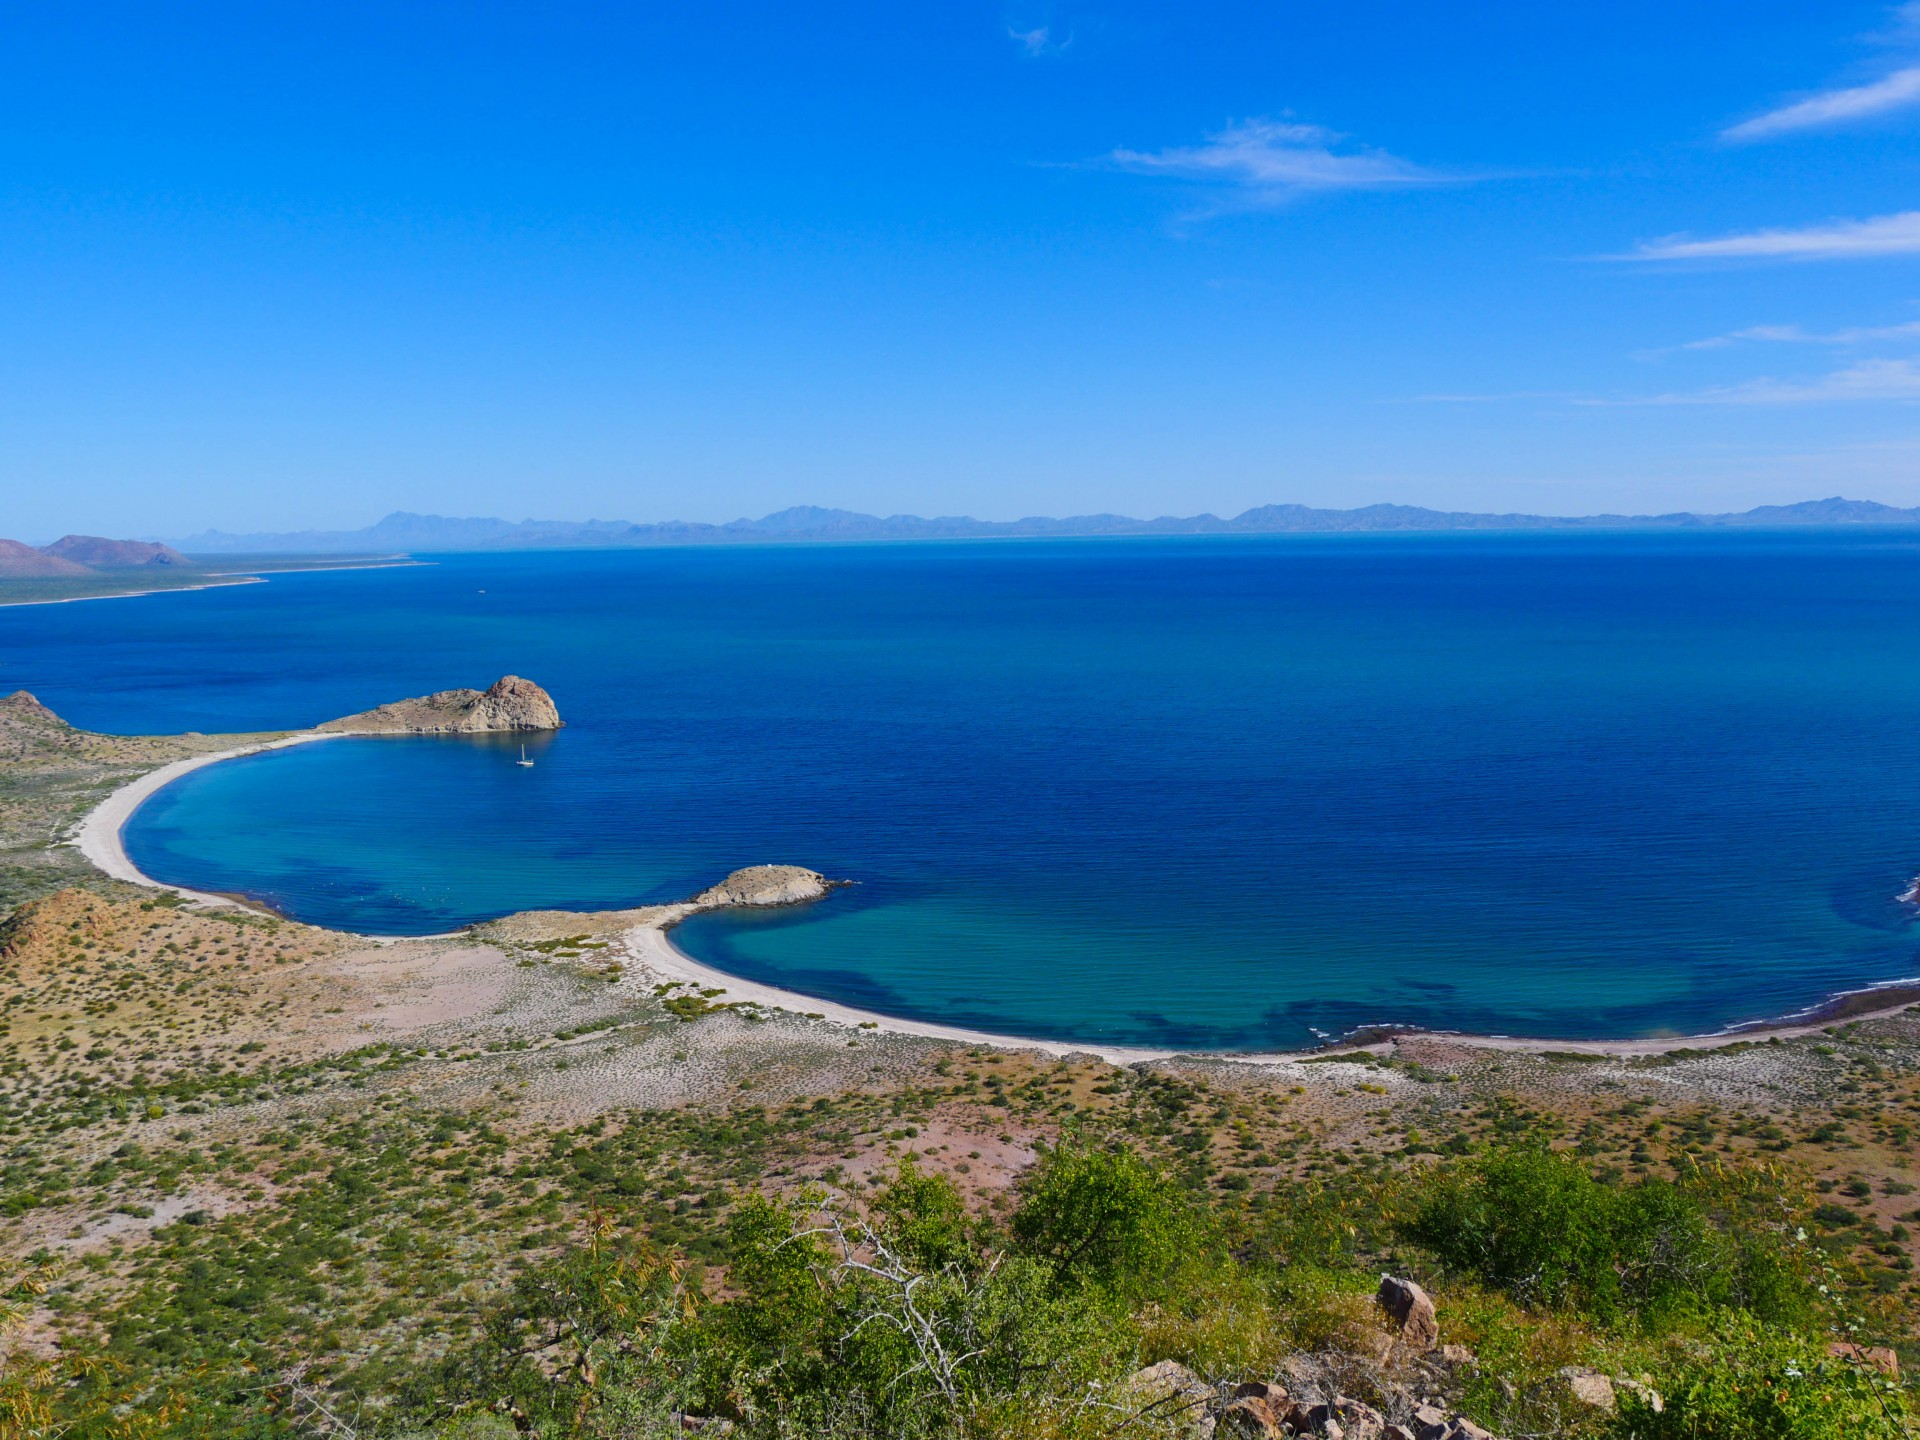 Our second anchorage, Bahía de Los Perros, on the eastern edge of Isla Tiburón. Lunasea is already at anchor.